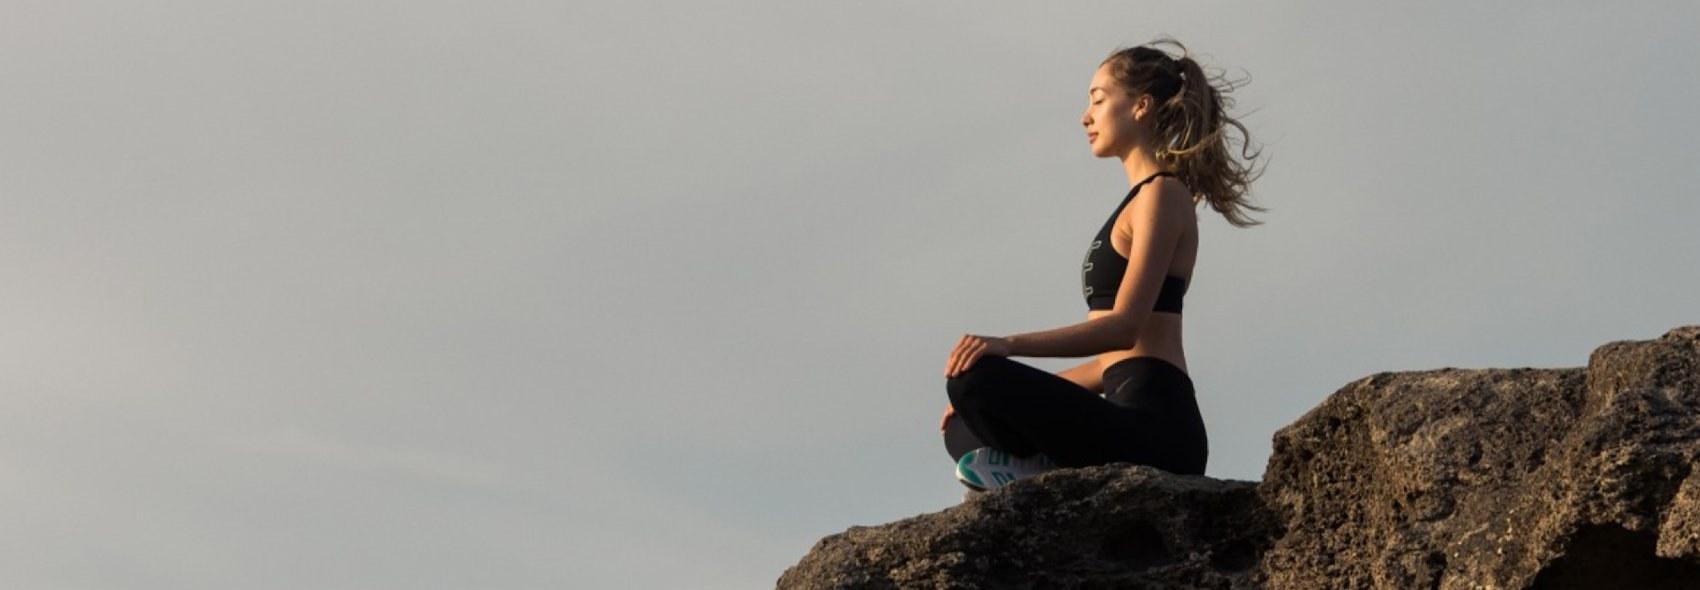 Ashwaghanda calm meditation LYMA